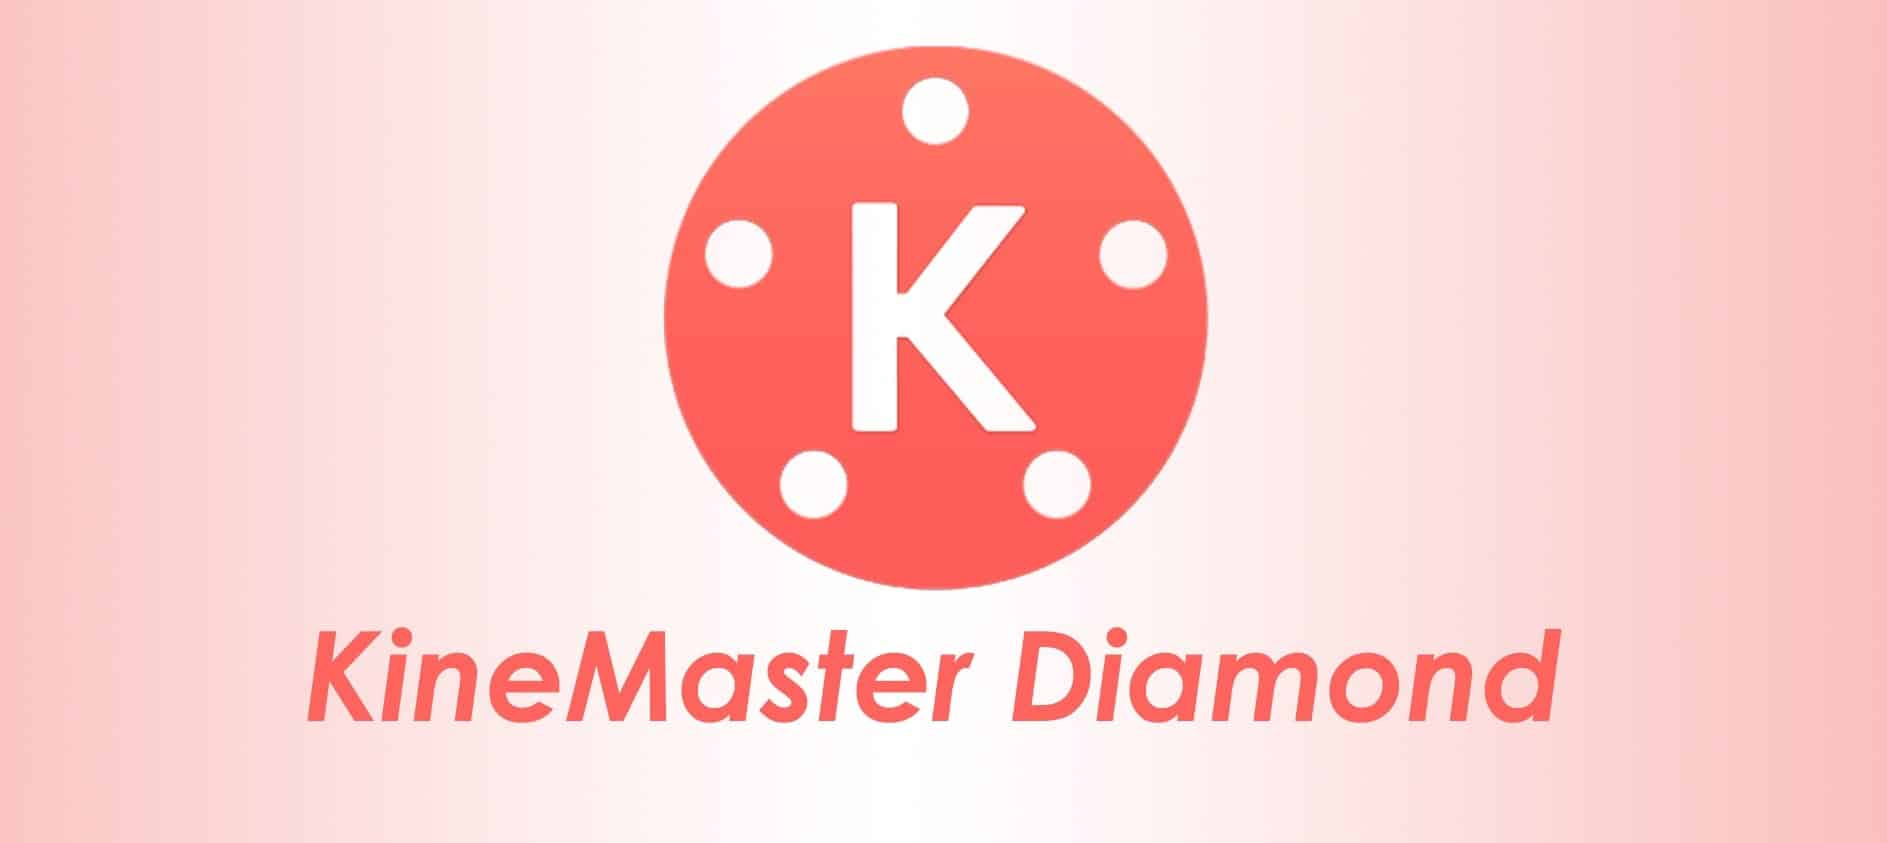 Perbedaan-Kinemaster-Diamond-dan-Kinemaster-Original